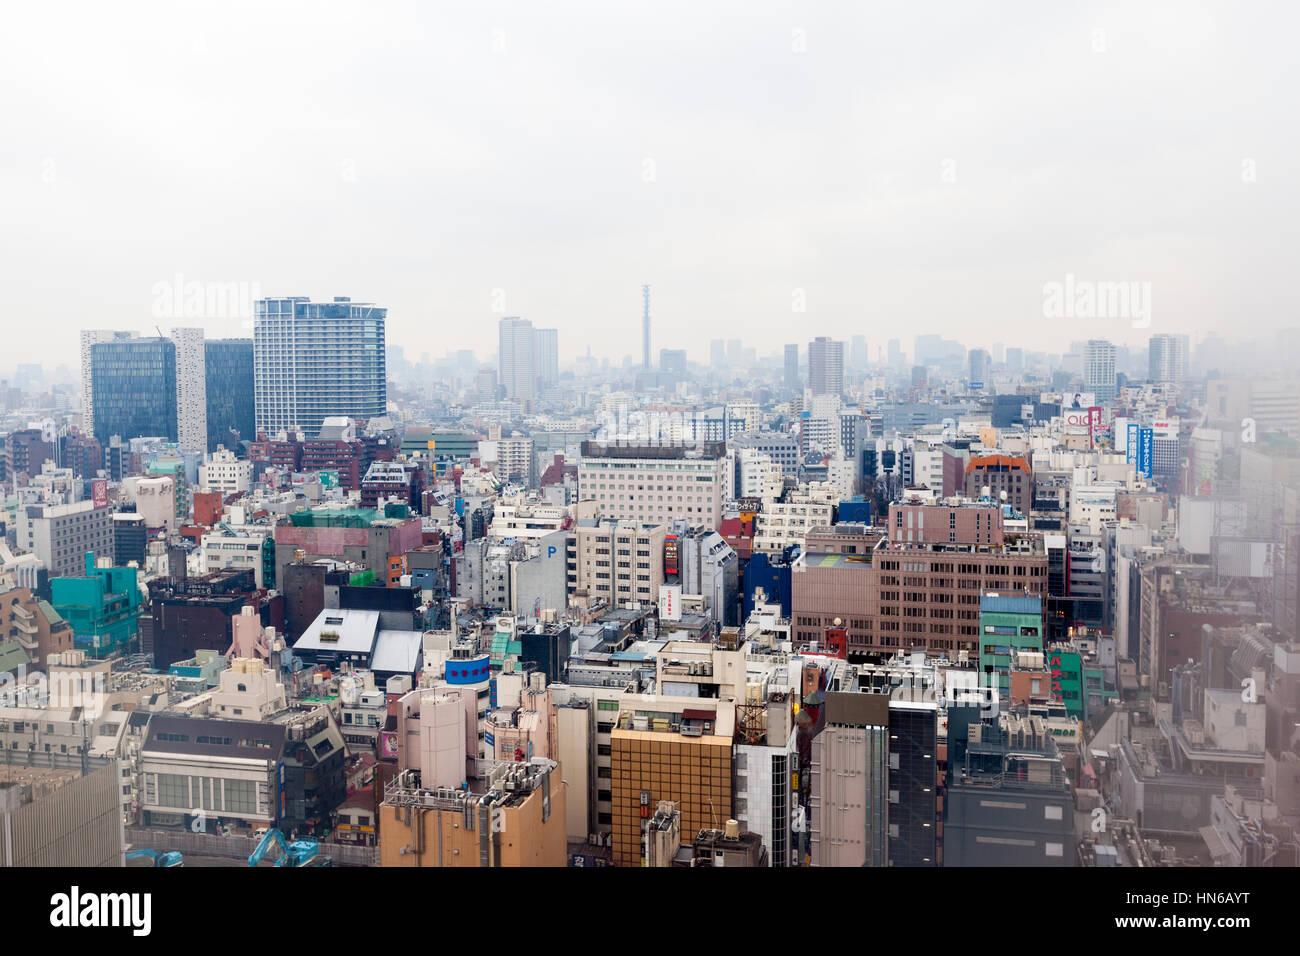 Tokio, Japón - El 2 de marzo de 2012: niveles elevados de vista del horizonte de Tokio adoptadas a través Imagen De Stock